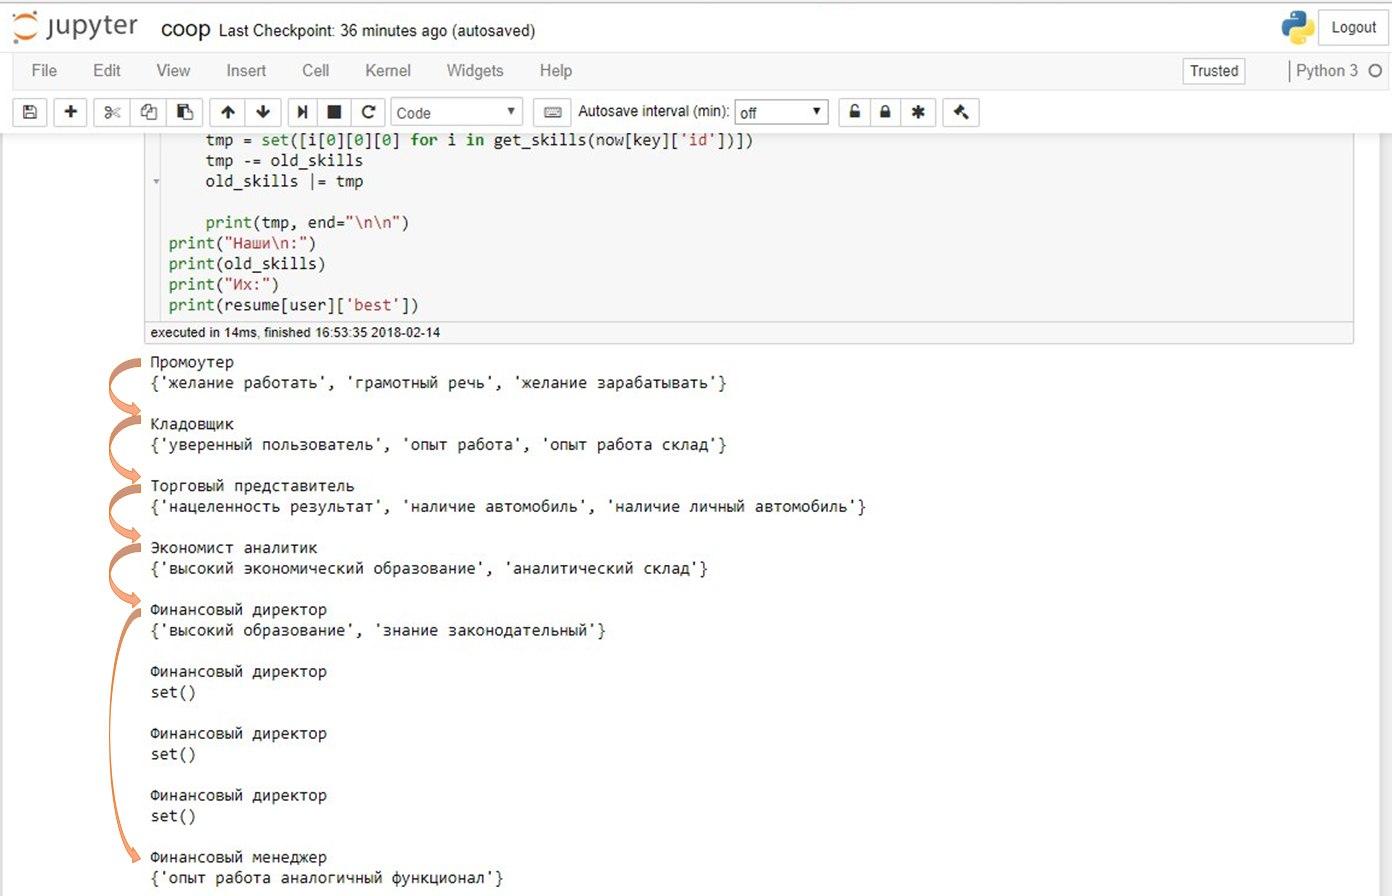 Итоги MentorHack: чат-бот по выделению тасков из диалогов, сервисы для построения карьерных траекторий и команд - 8